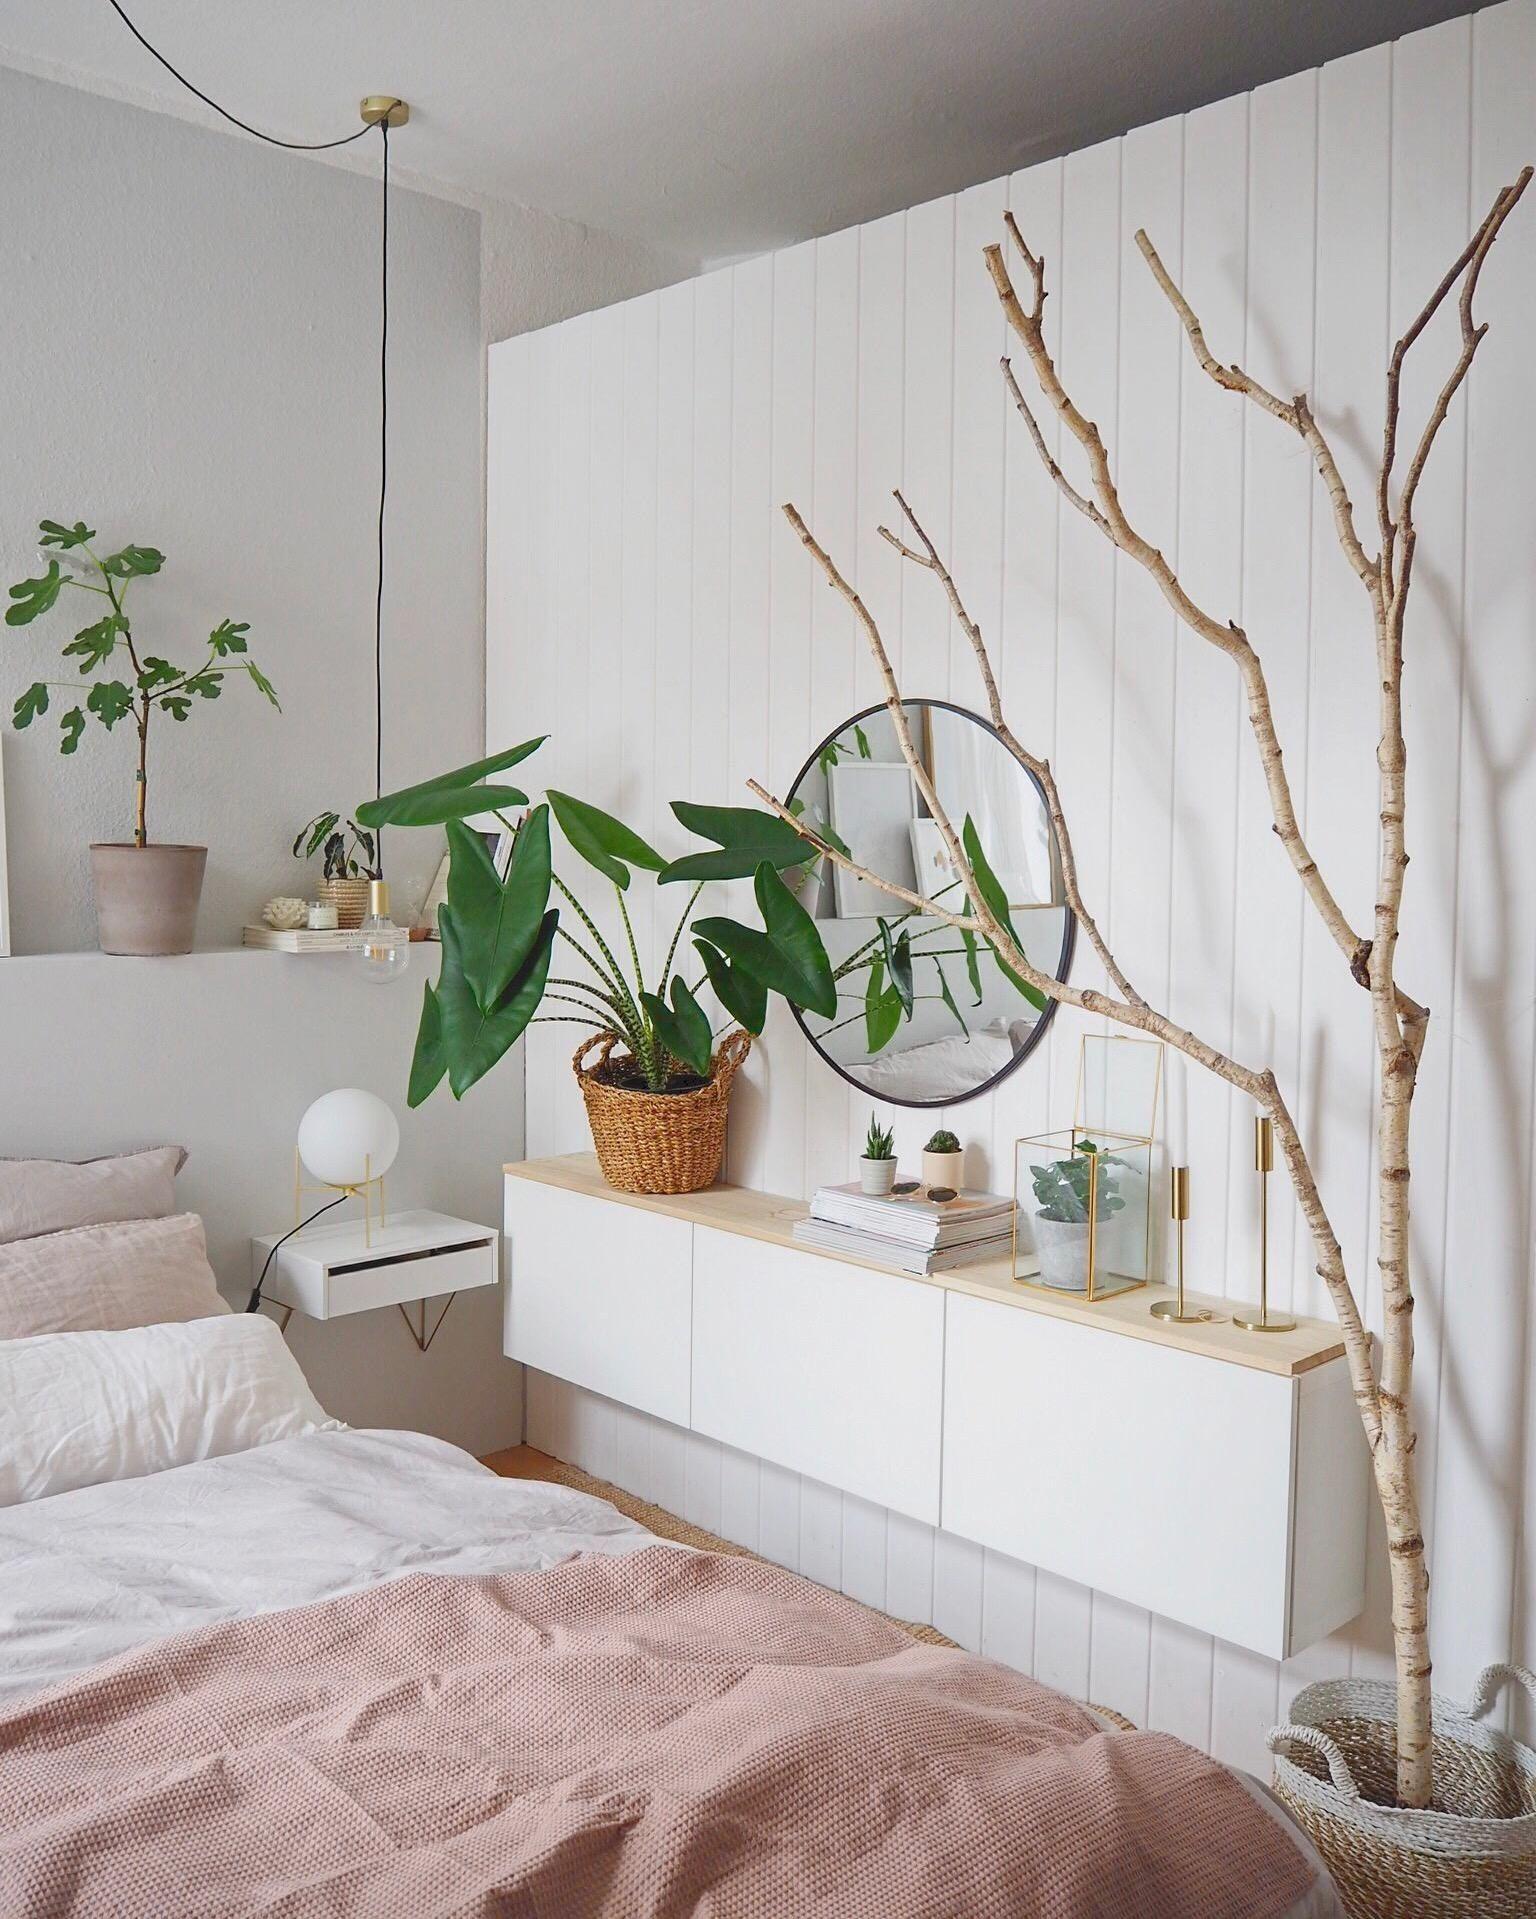 Oursweetliving hatte eine super kreative Dekoidee mit dem Birkenstamm - Wie findet ihr das Schlafzimmer?  Entdecke noch mehr Wohnideen auf COUCH #wohnen #einrichtungsideen #einrichten #interior #COUCHstyle #birke #birkenstamm #birkenast #deko #dekoration#diy #upcycling #hausdekodekoration